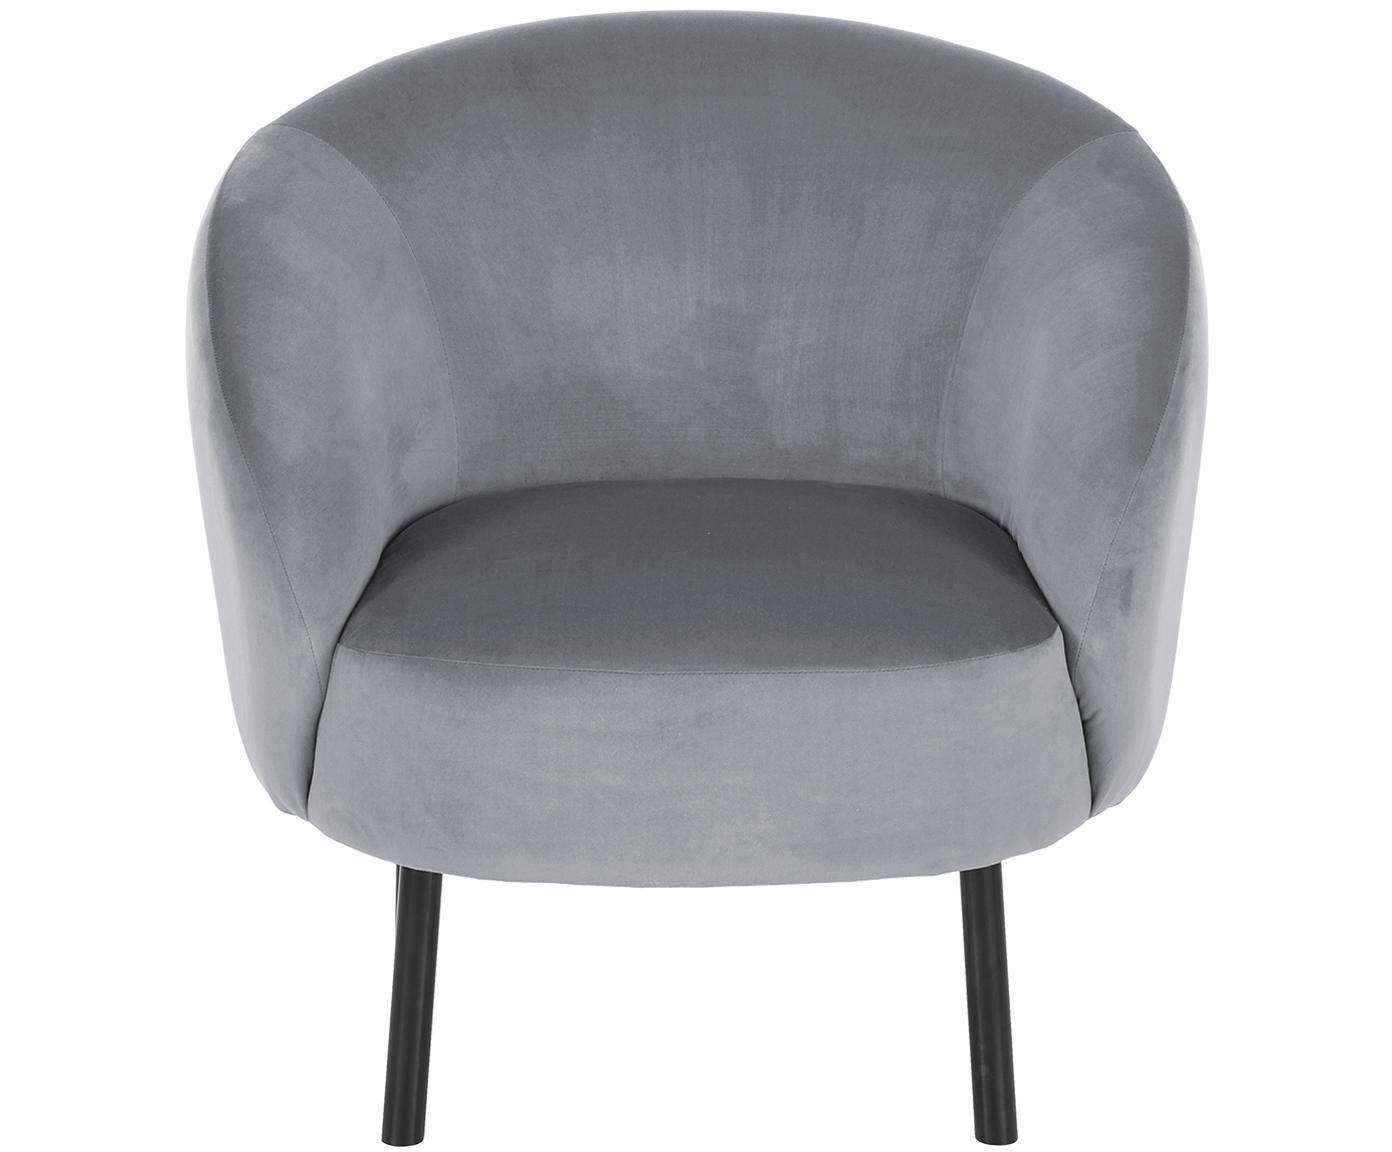 Fotel z aksamitu Freja, Tapicerka: aksamit (poliester) 30 00, Nogi: metal malowany proszkowo, Tapicerka: szary Nogi: czarny, matowy, S 65 x G 72 cm